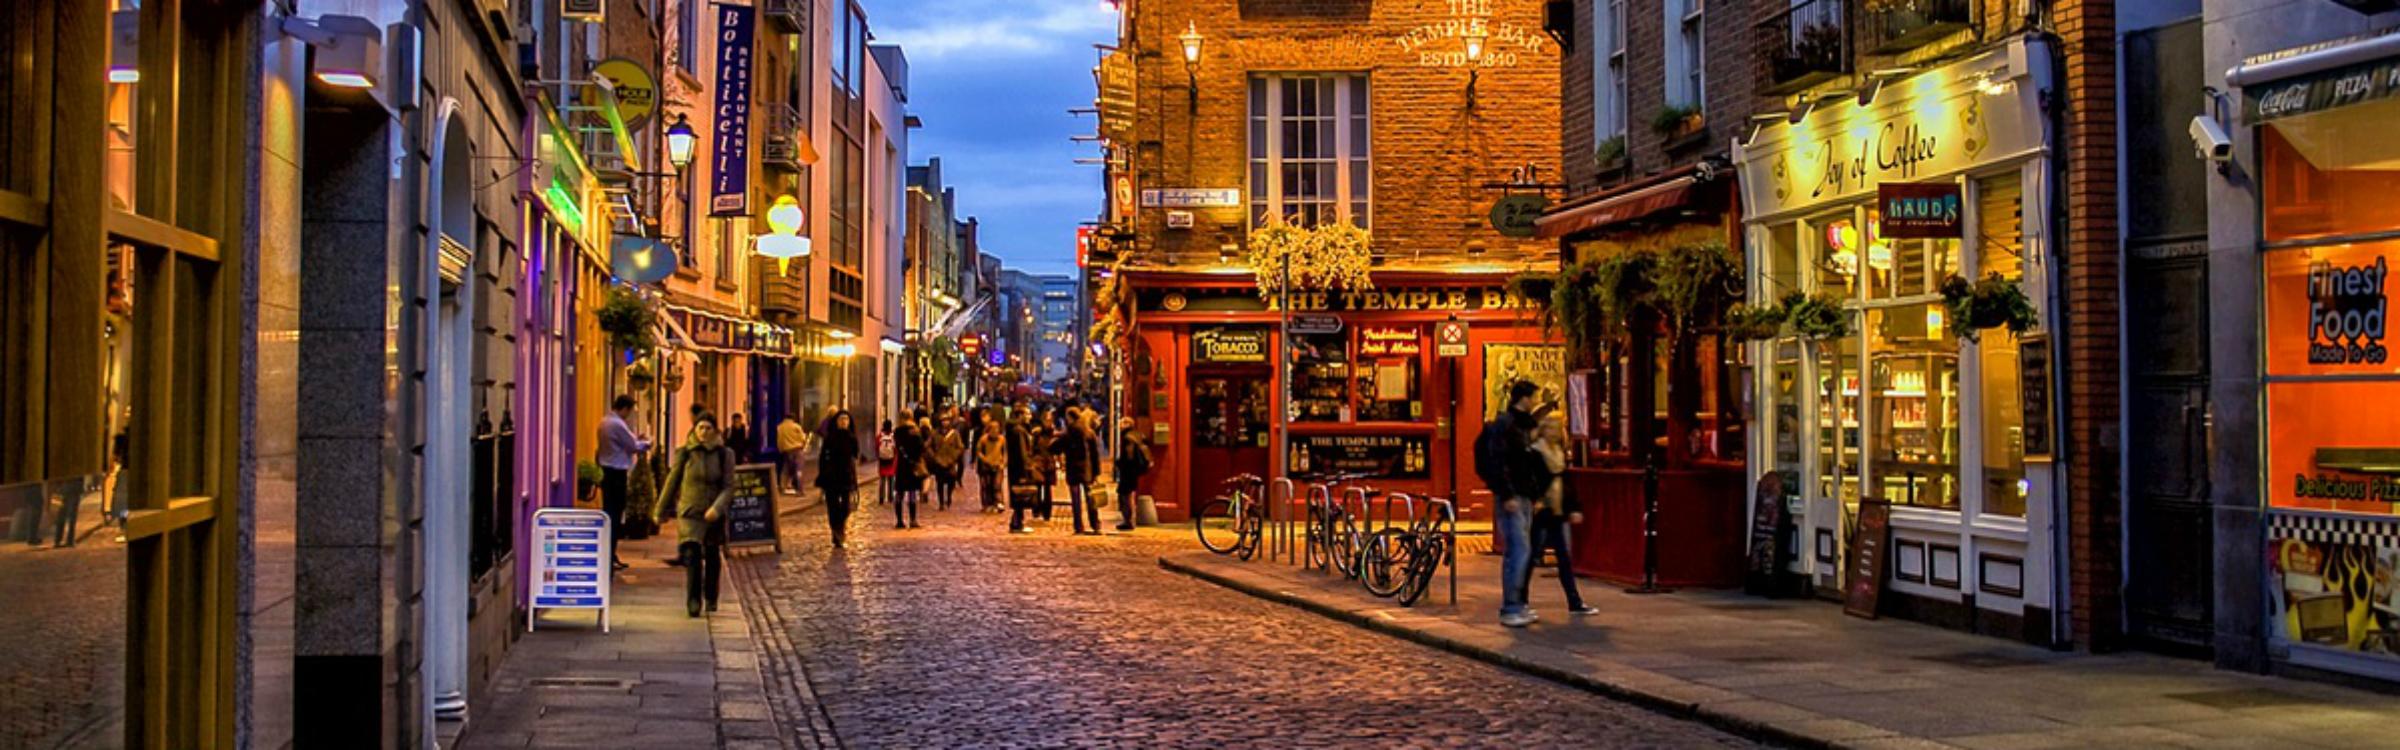 Dublin header